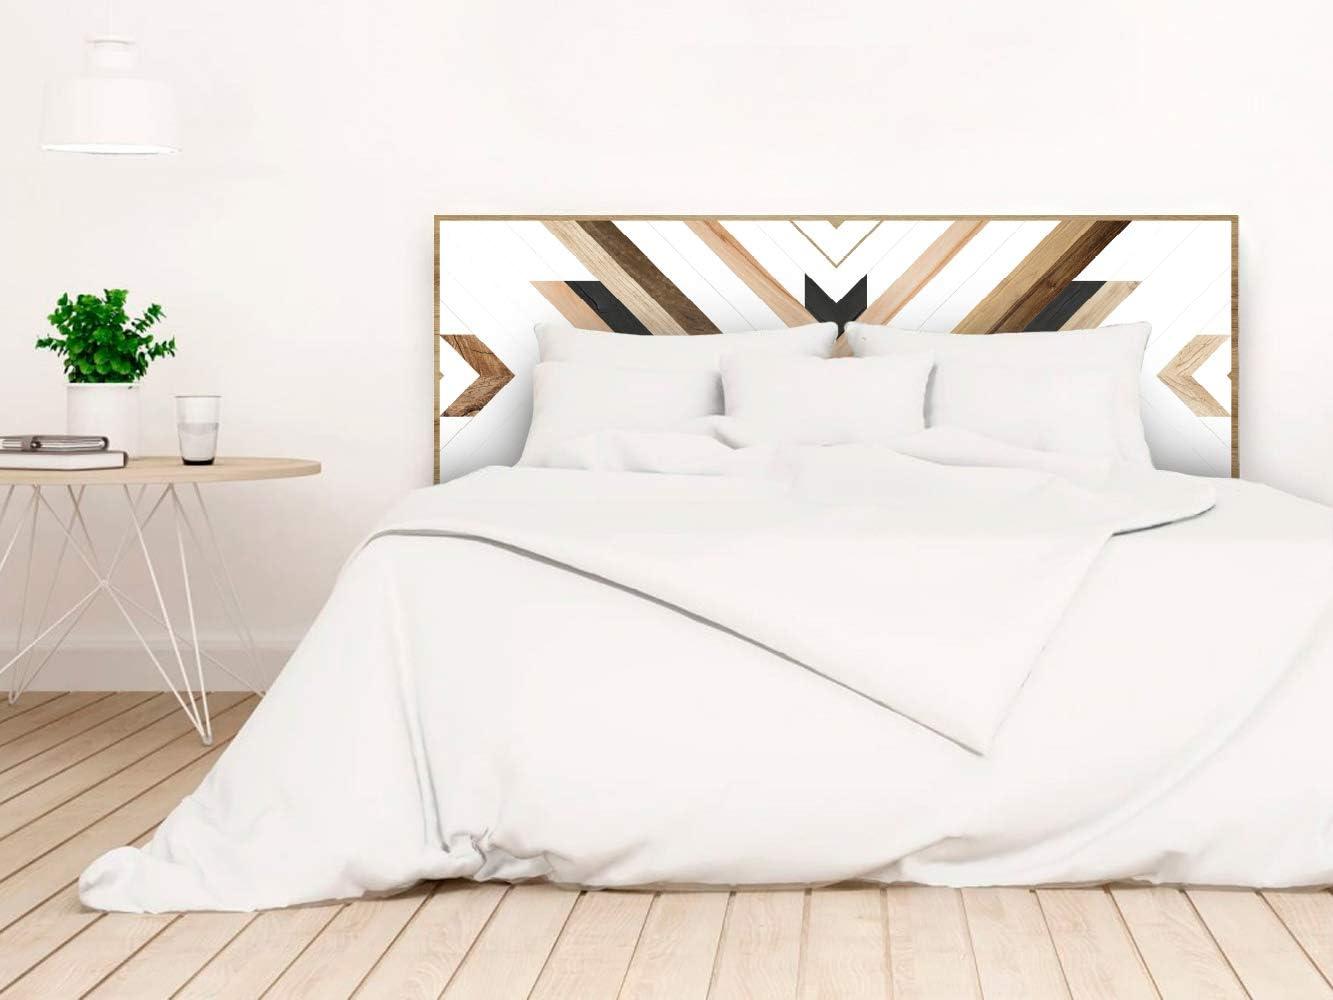 setecientosgramos Cabecero Cama PVC | WoodGuy | Varias Medidas | Fácil colocación | Decoración Dormitorio (150x60)